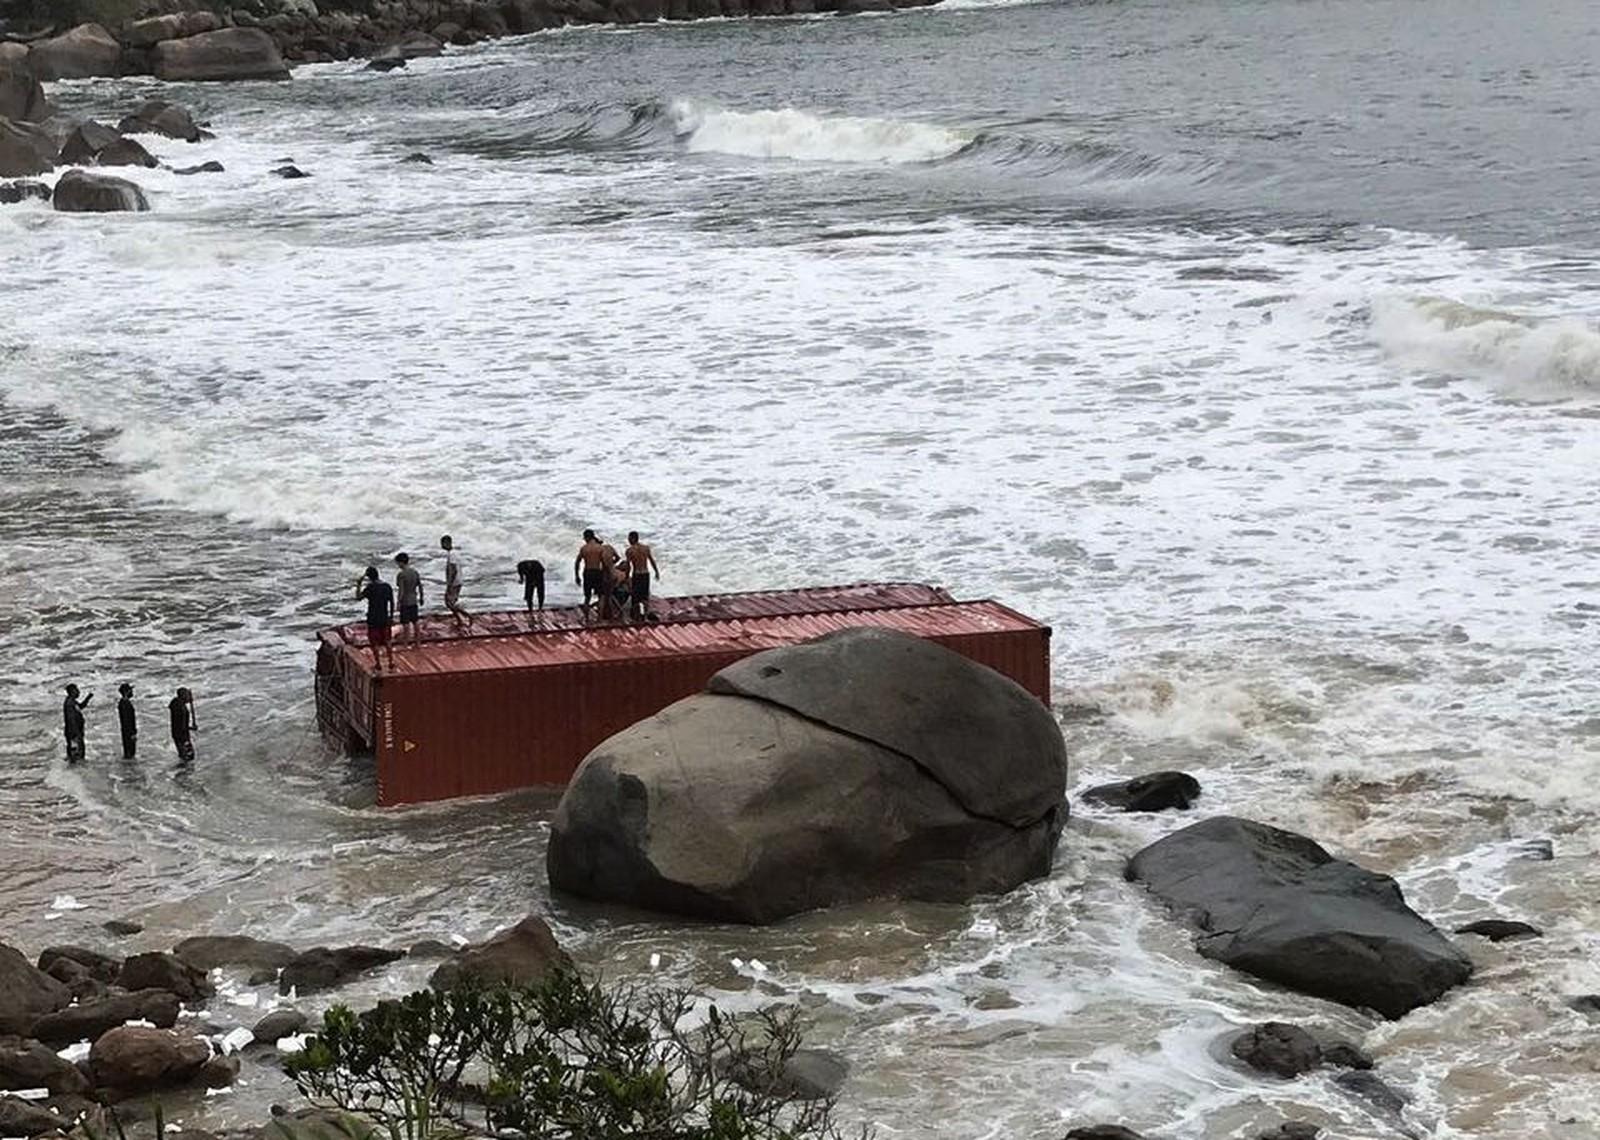 Brasil caen contenedores de un barco y los oportunistas no dudan en zambullir en busca de bot n - Contenedores de barco ...